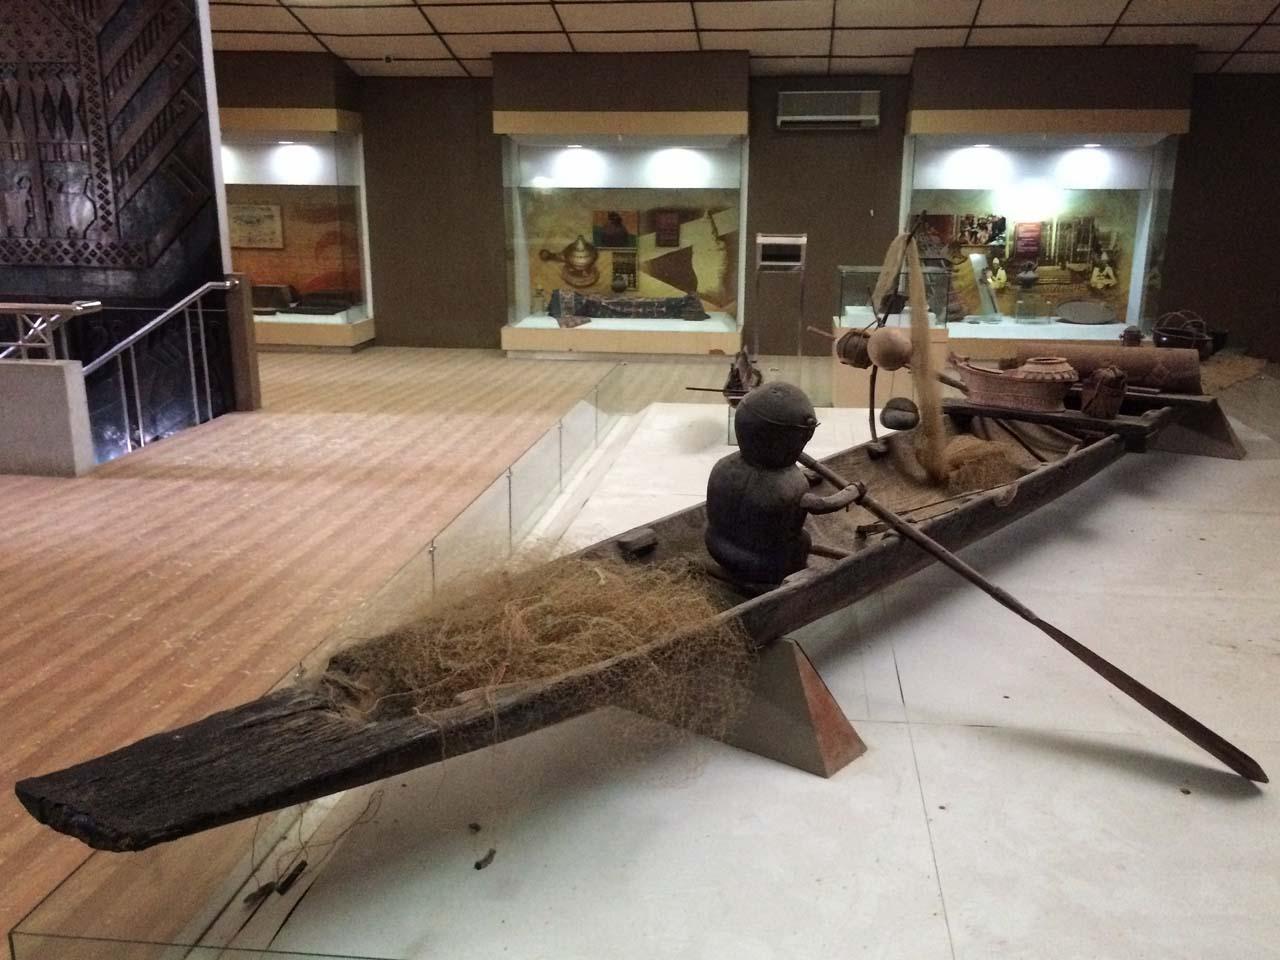 Koleksi Museum Lampung - Yopie Pangkey - 11